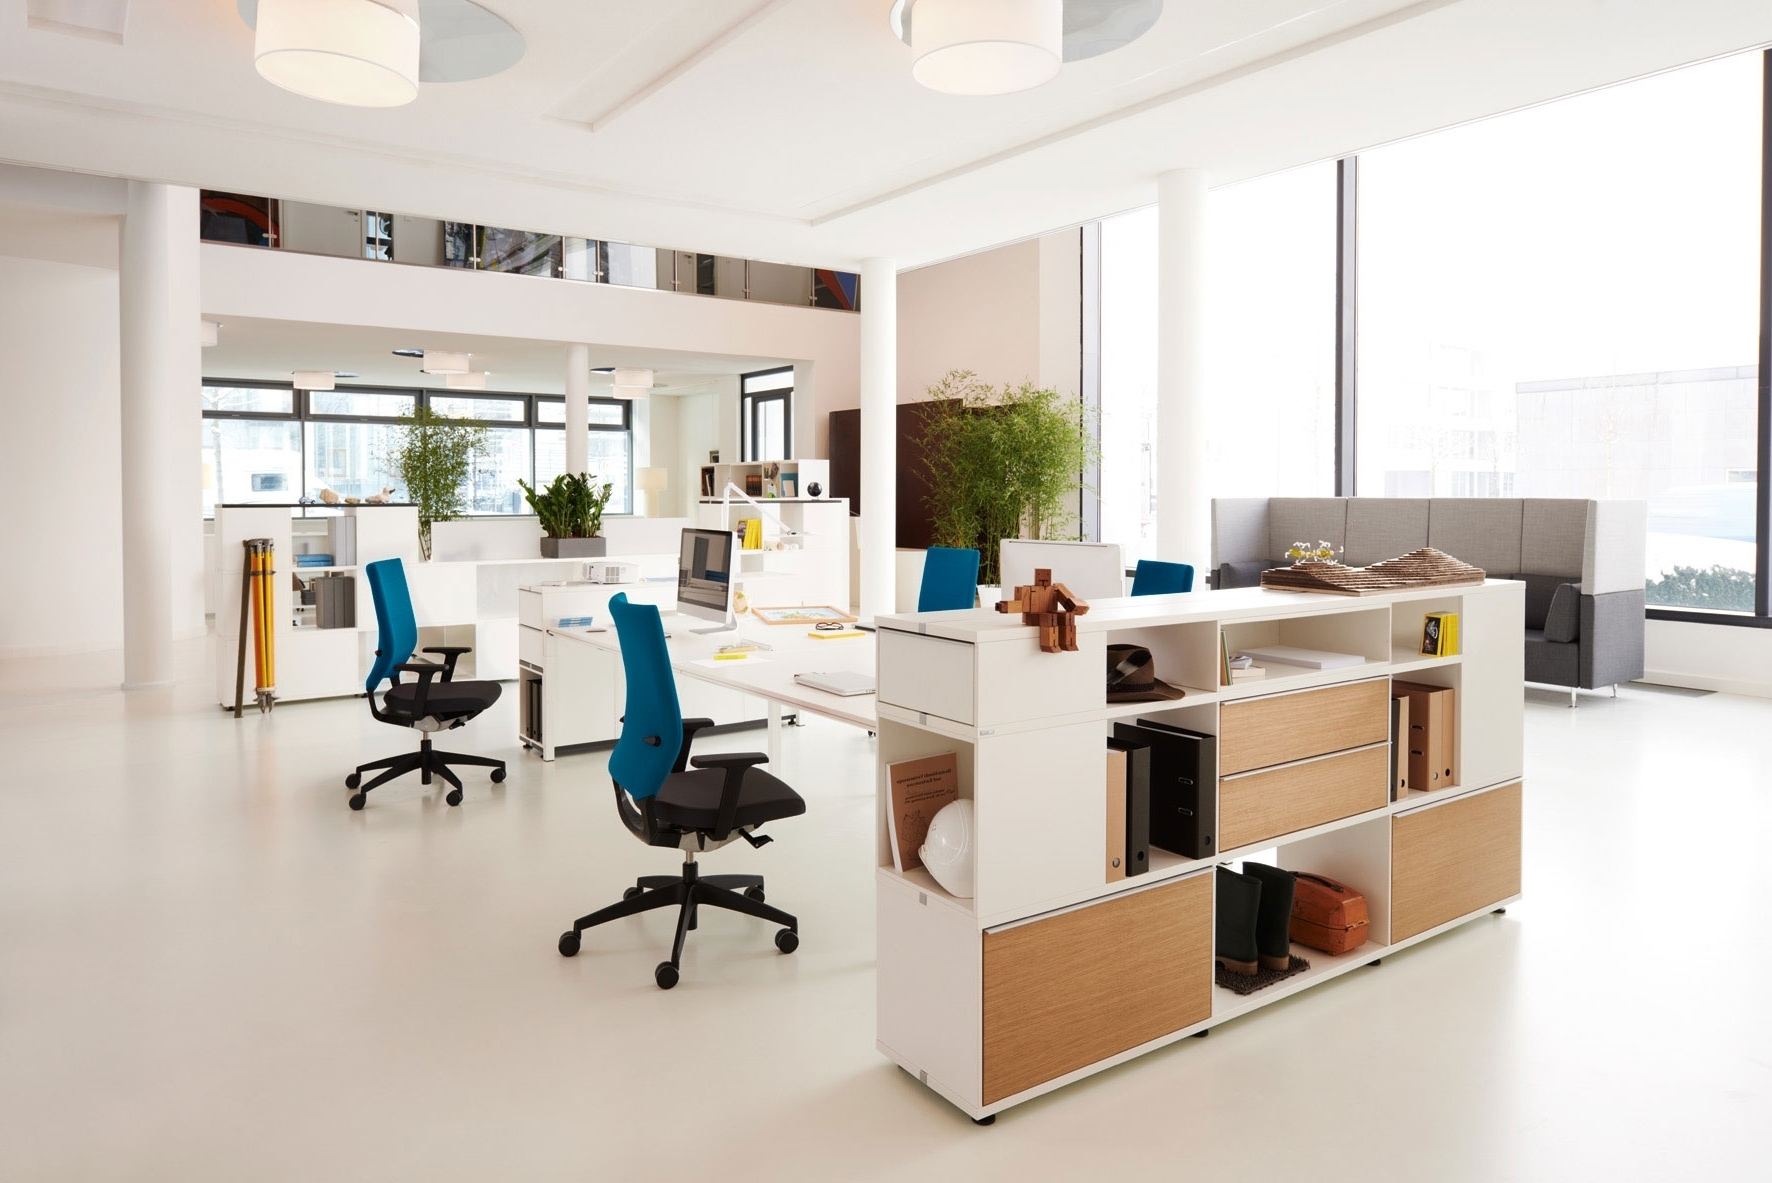 thiết kế văn phòng phong cách hiện đại